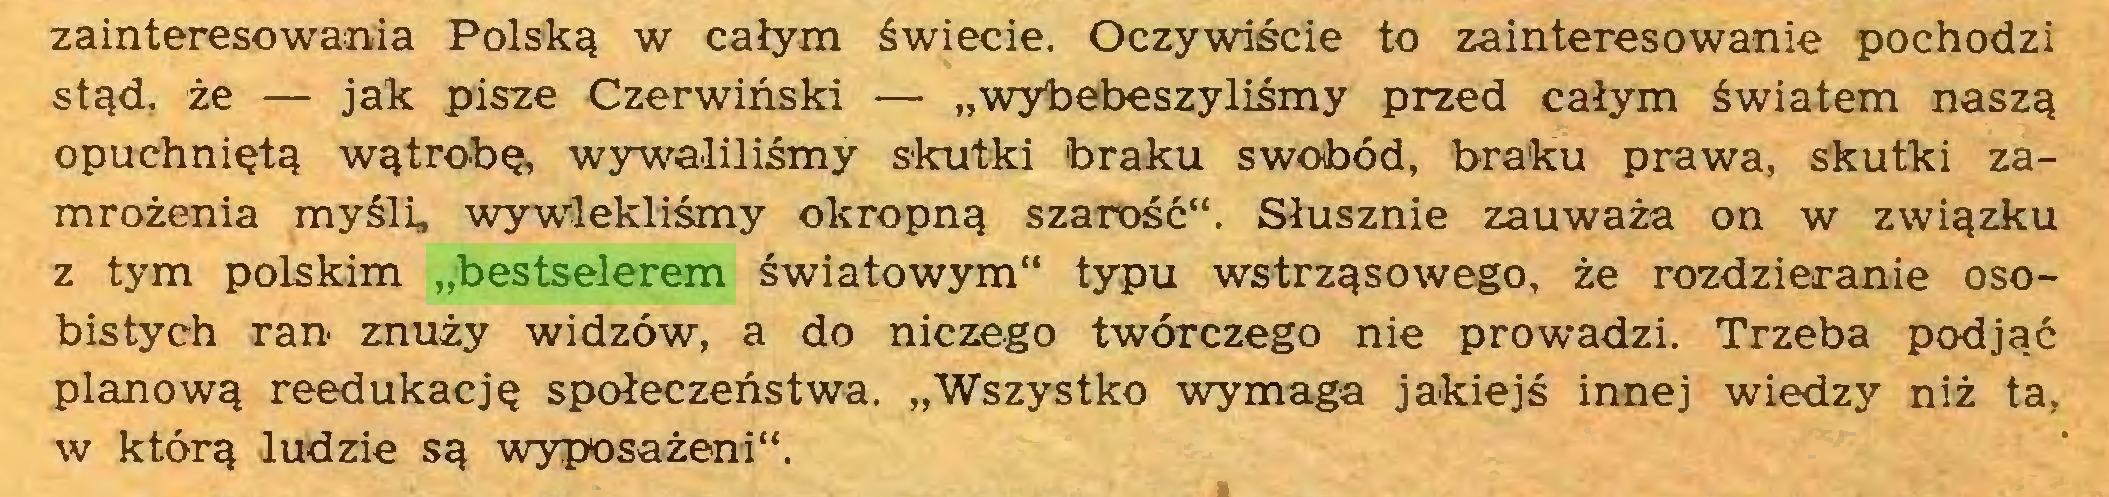 """(...) zainteresowania Polską w całym świecie. Oczywiście to zainteresowanie pochodzi stąd, że — jak pisze Czerwiński — """"wybebeszyliśmy przed całym światem naszą opuchniętą wątrobę, wywaliliśmy skutki braku swobód, braku prawa, skutki zamrożenia myśli, wywlekliśmy okropną szarość"""". Słusznie zauważa on w związku z tym polskim """"bestselerem światowym"""" typu wstrząsowego, że rozdzieranie osobistych ran znuży widzów, a do niczego twórczego nie prowadzi. Trzeba podjąć planową reedukację społeczeństwa. """"Wszystko wymaga jakiejś innej wiedzy niż ta, w którą ludzie są wyposażeni""""..."""